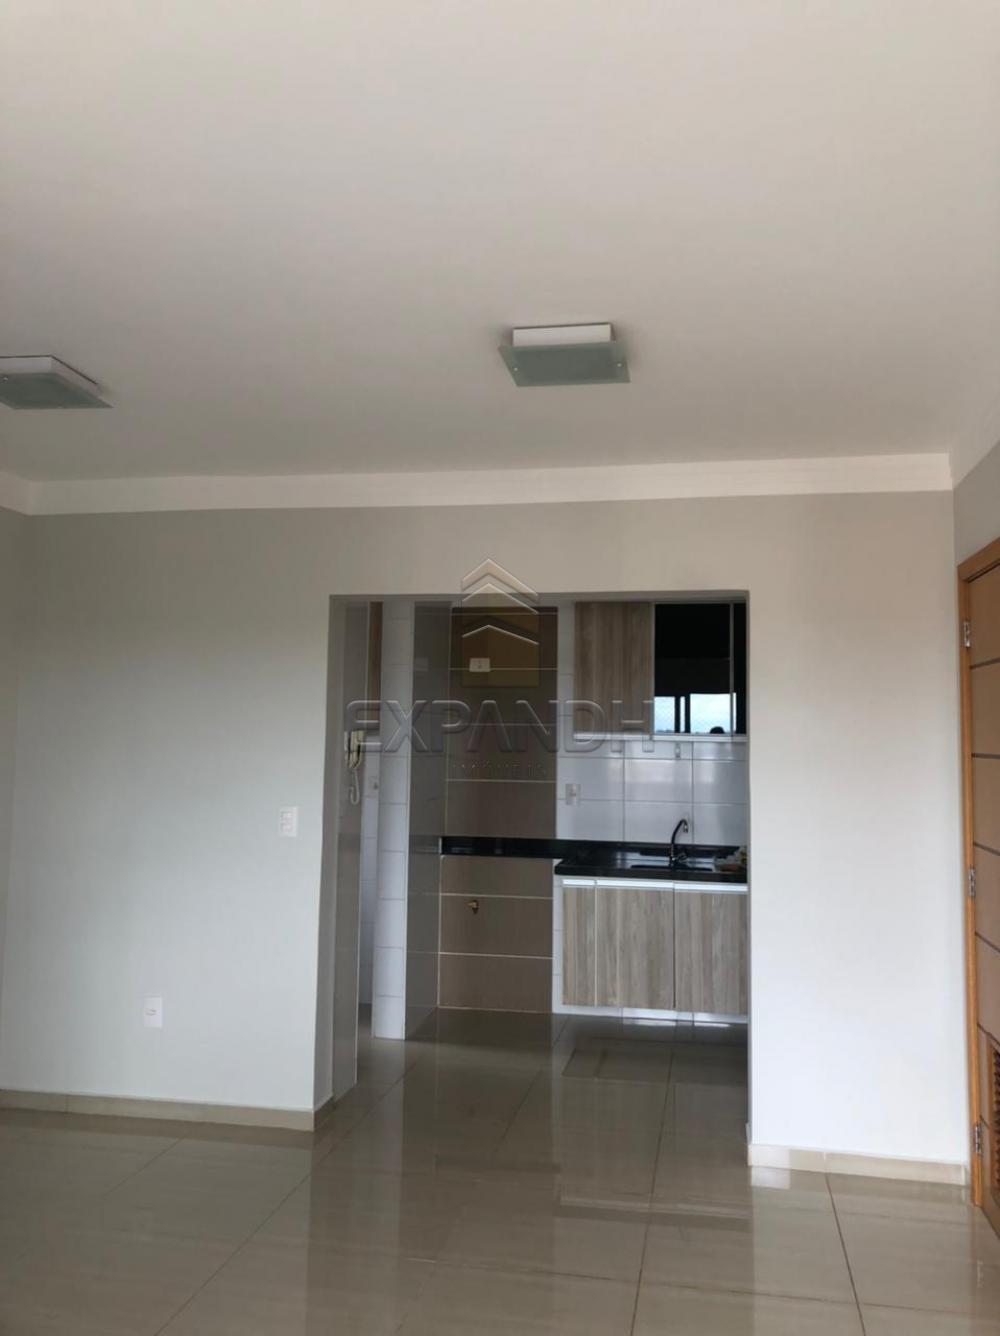 Alugar Apartamentos / Padrão em Sertãozinho apenas R$ 1.250,00 - Foto 4